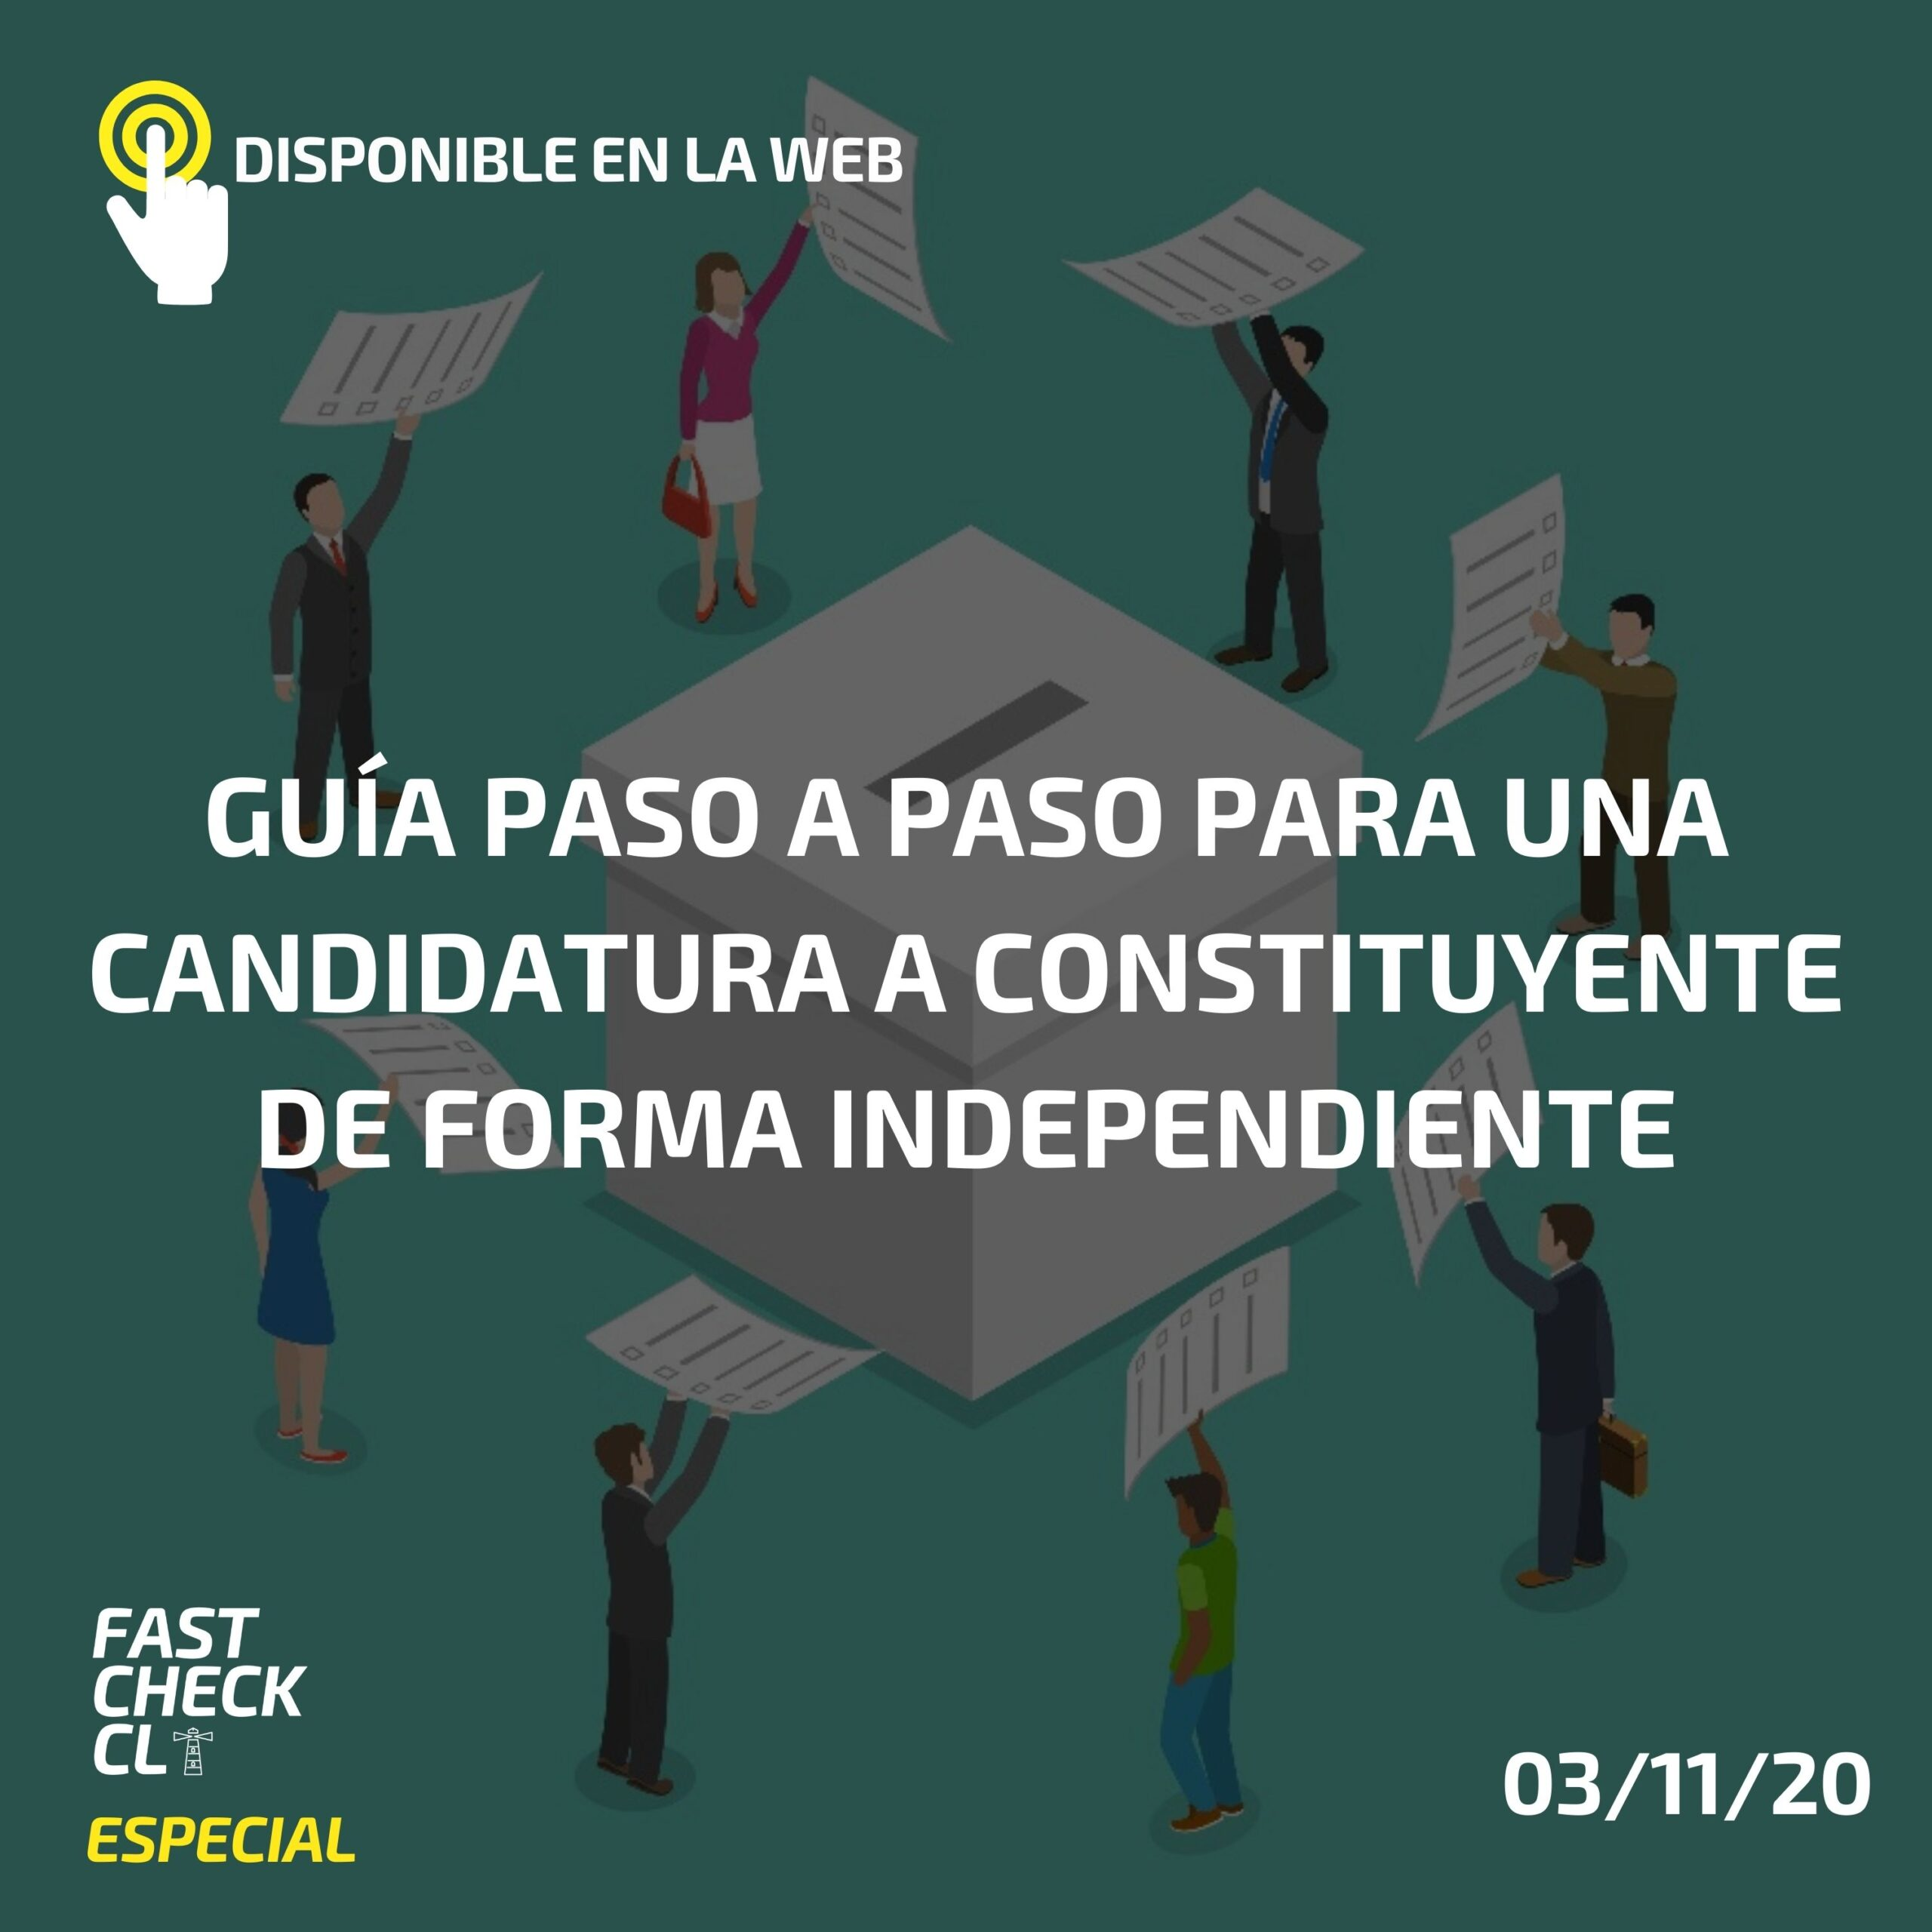 Guía paso a paso para una candidatura a constituyente de forma independiente